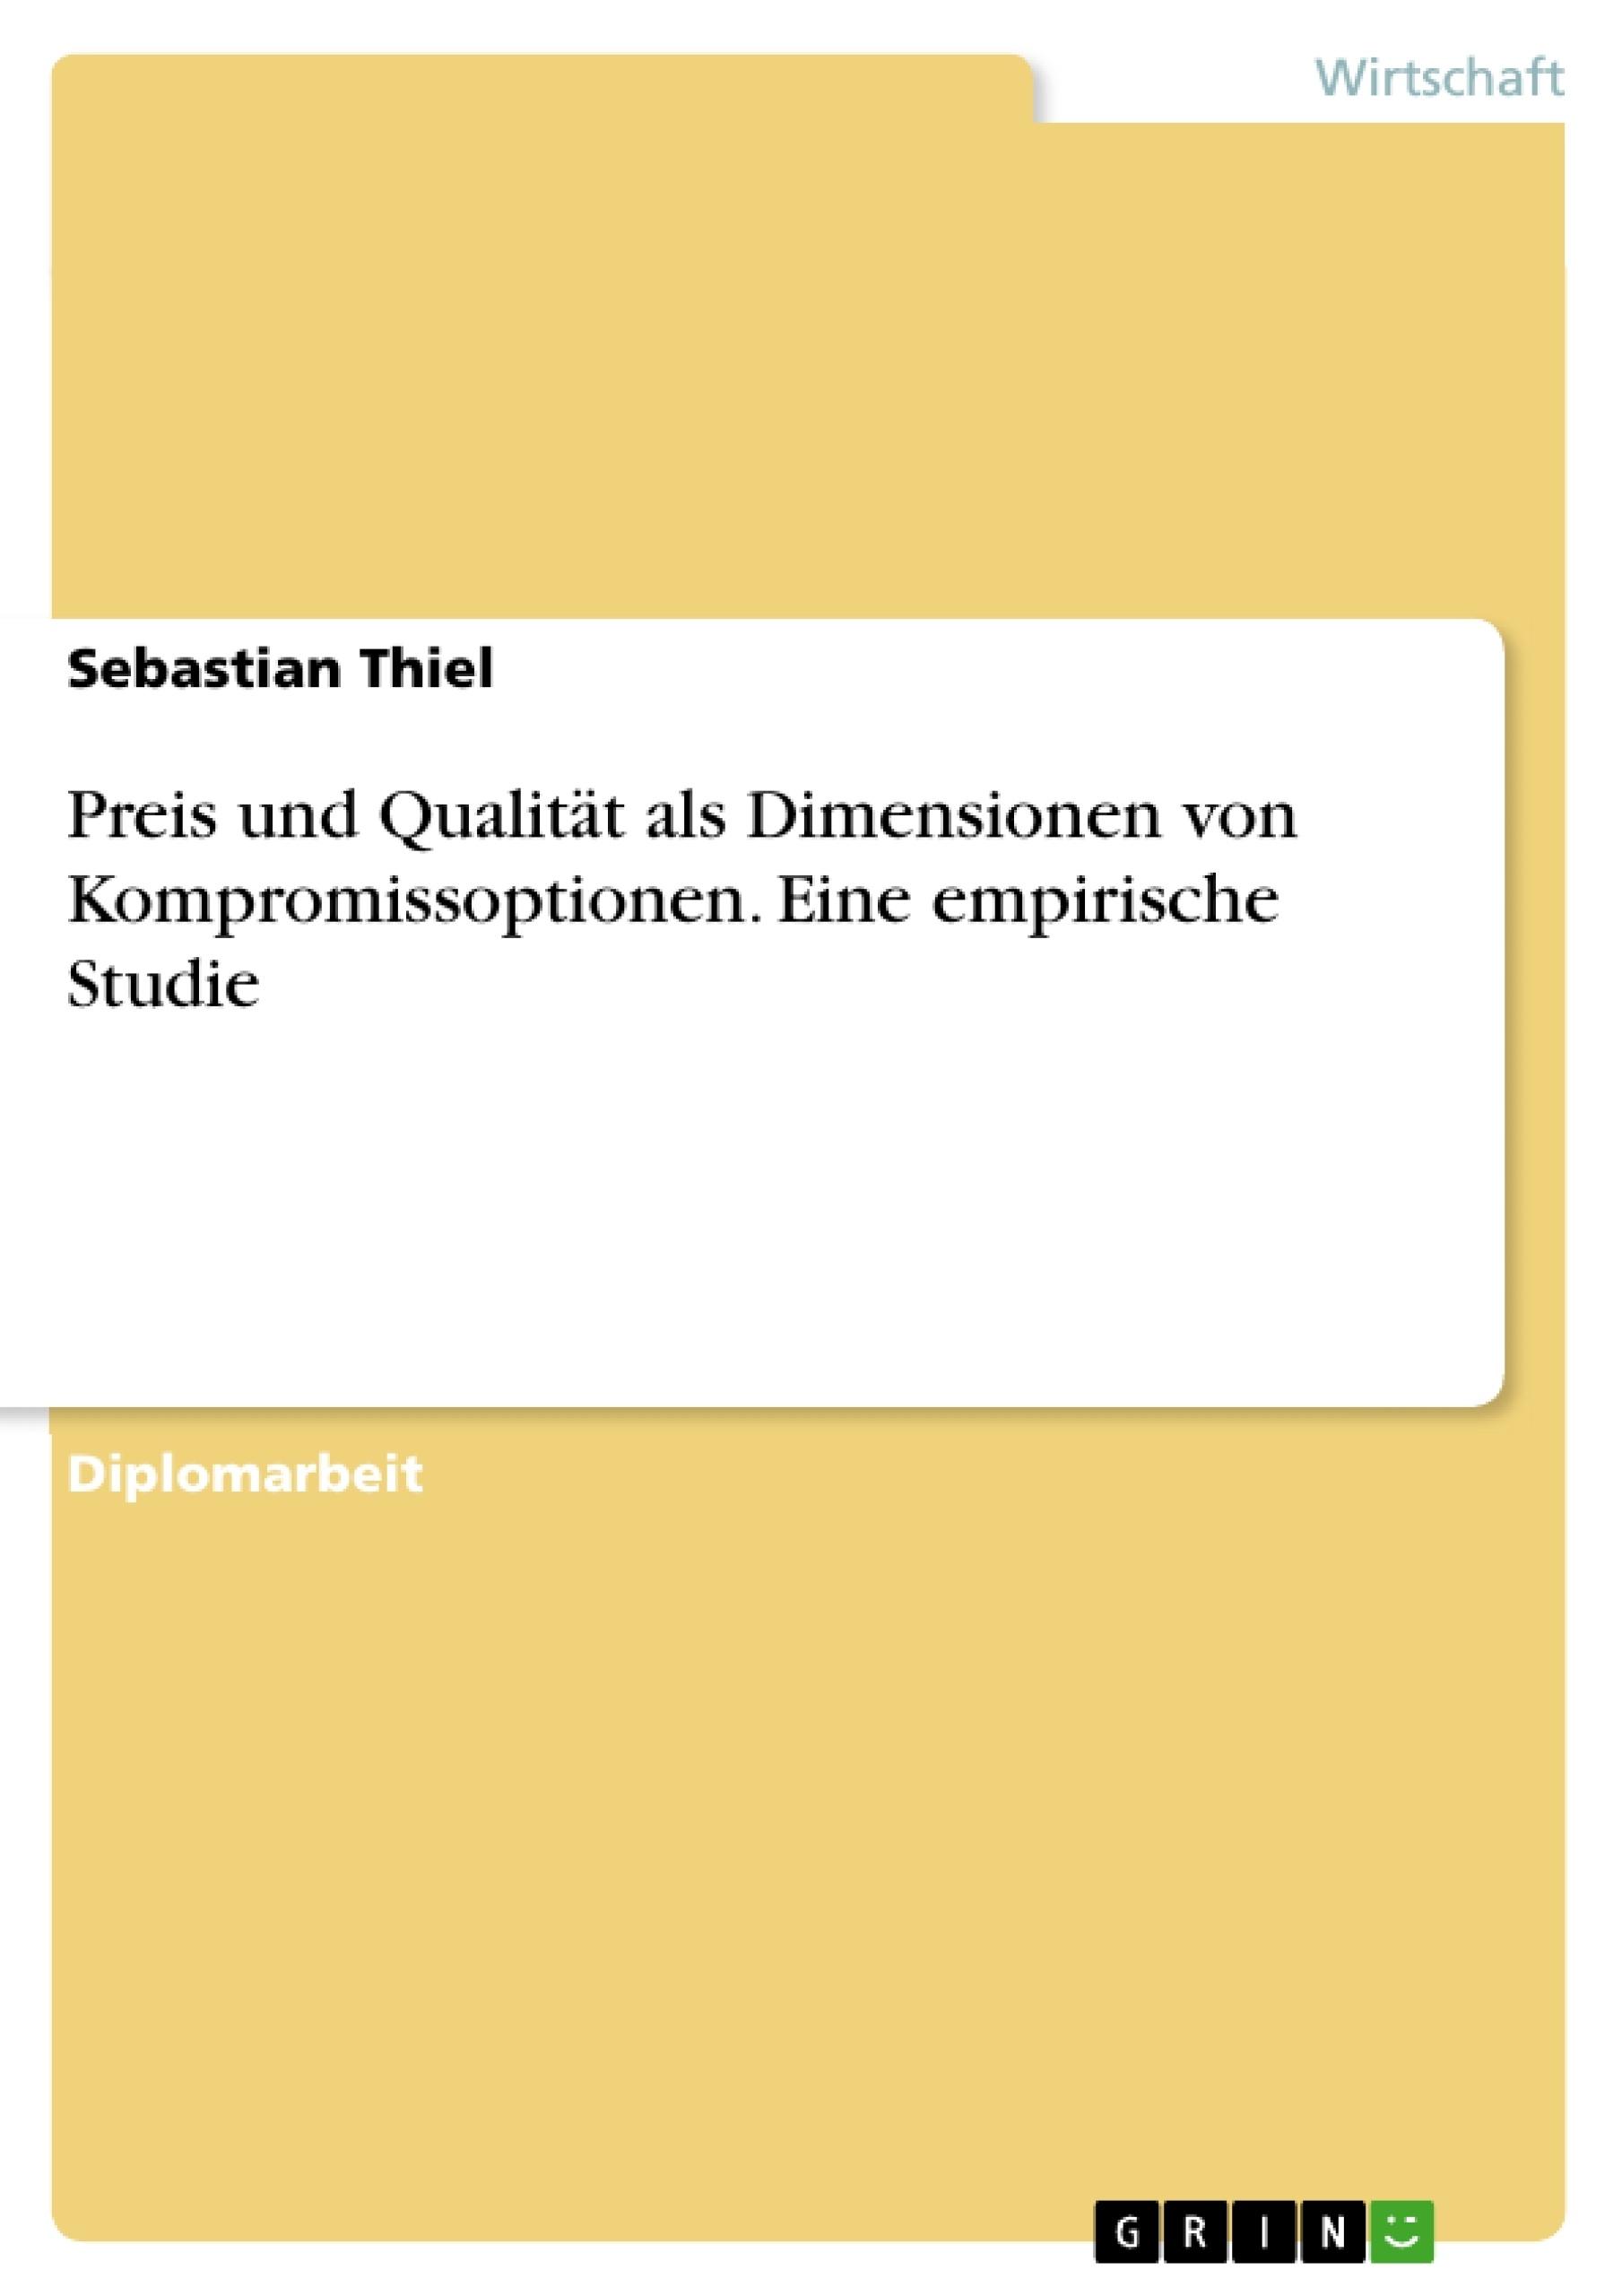 Titel: Preis und Qualität als Dimensionen von Kompromissoptionen. Eine empirische Studie